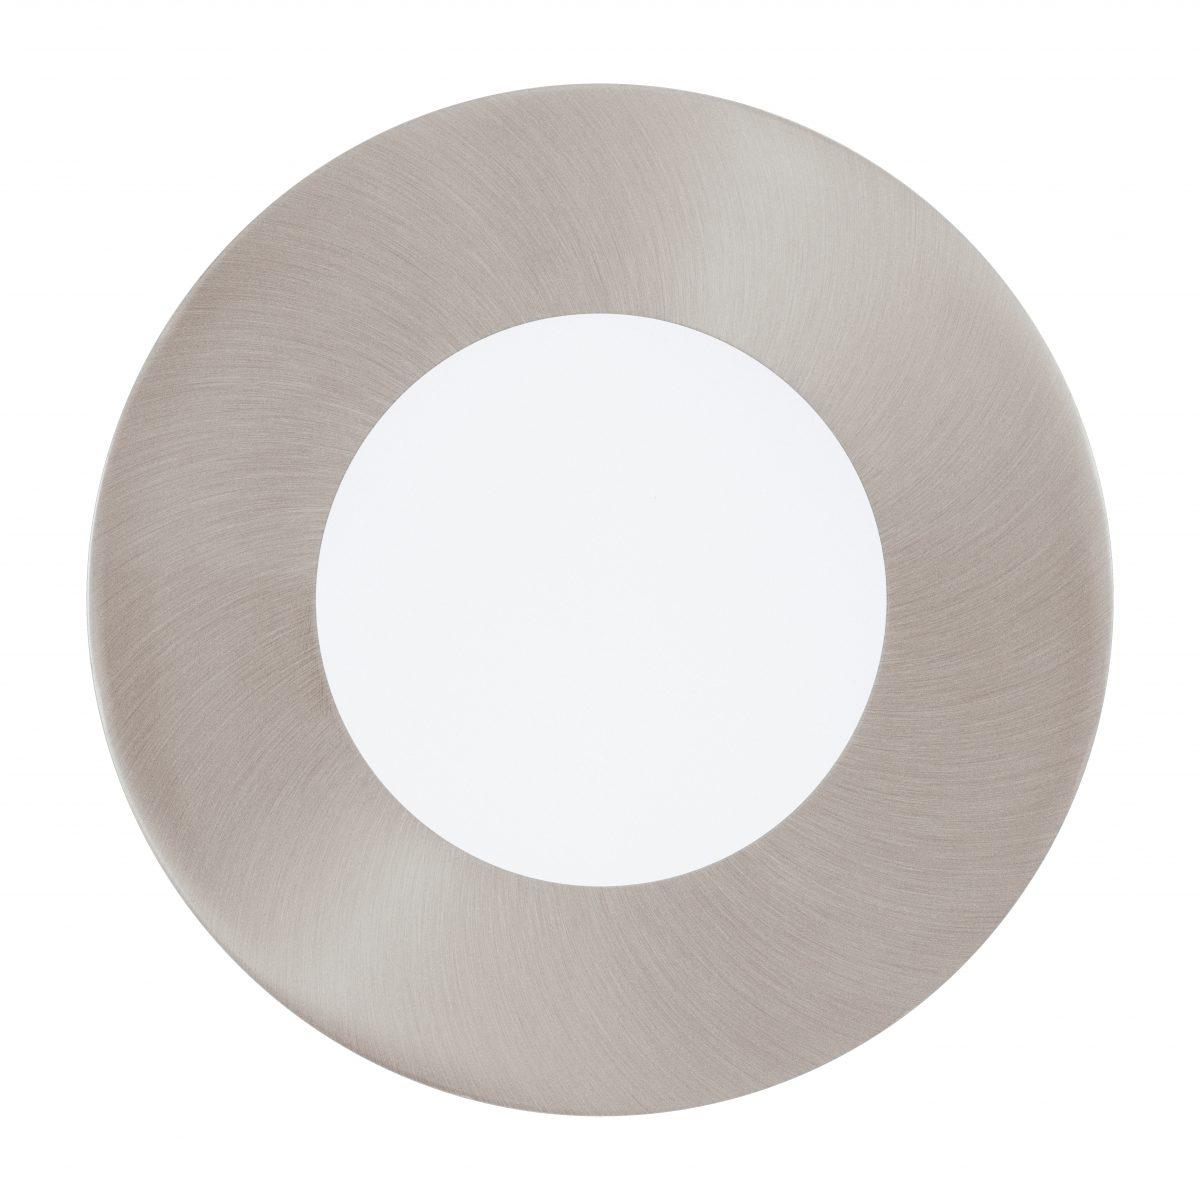 Светильник настенно-потолочный FUEVA 1 EGLO 95465 - Фото №28